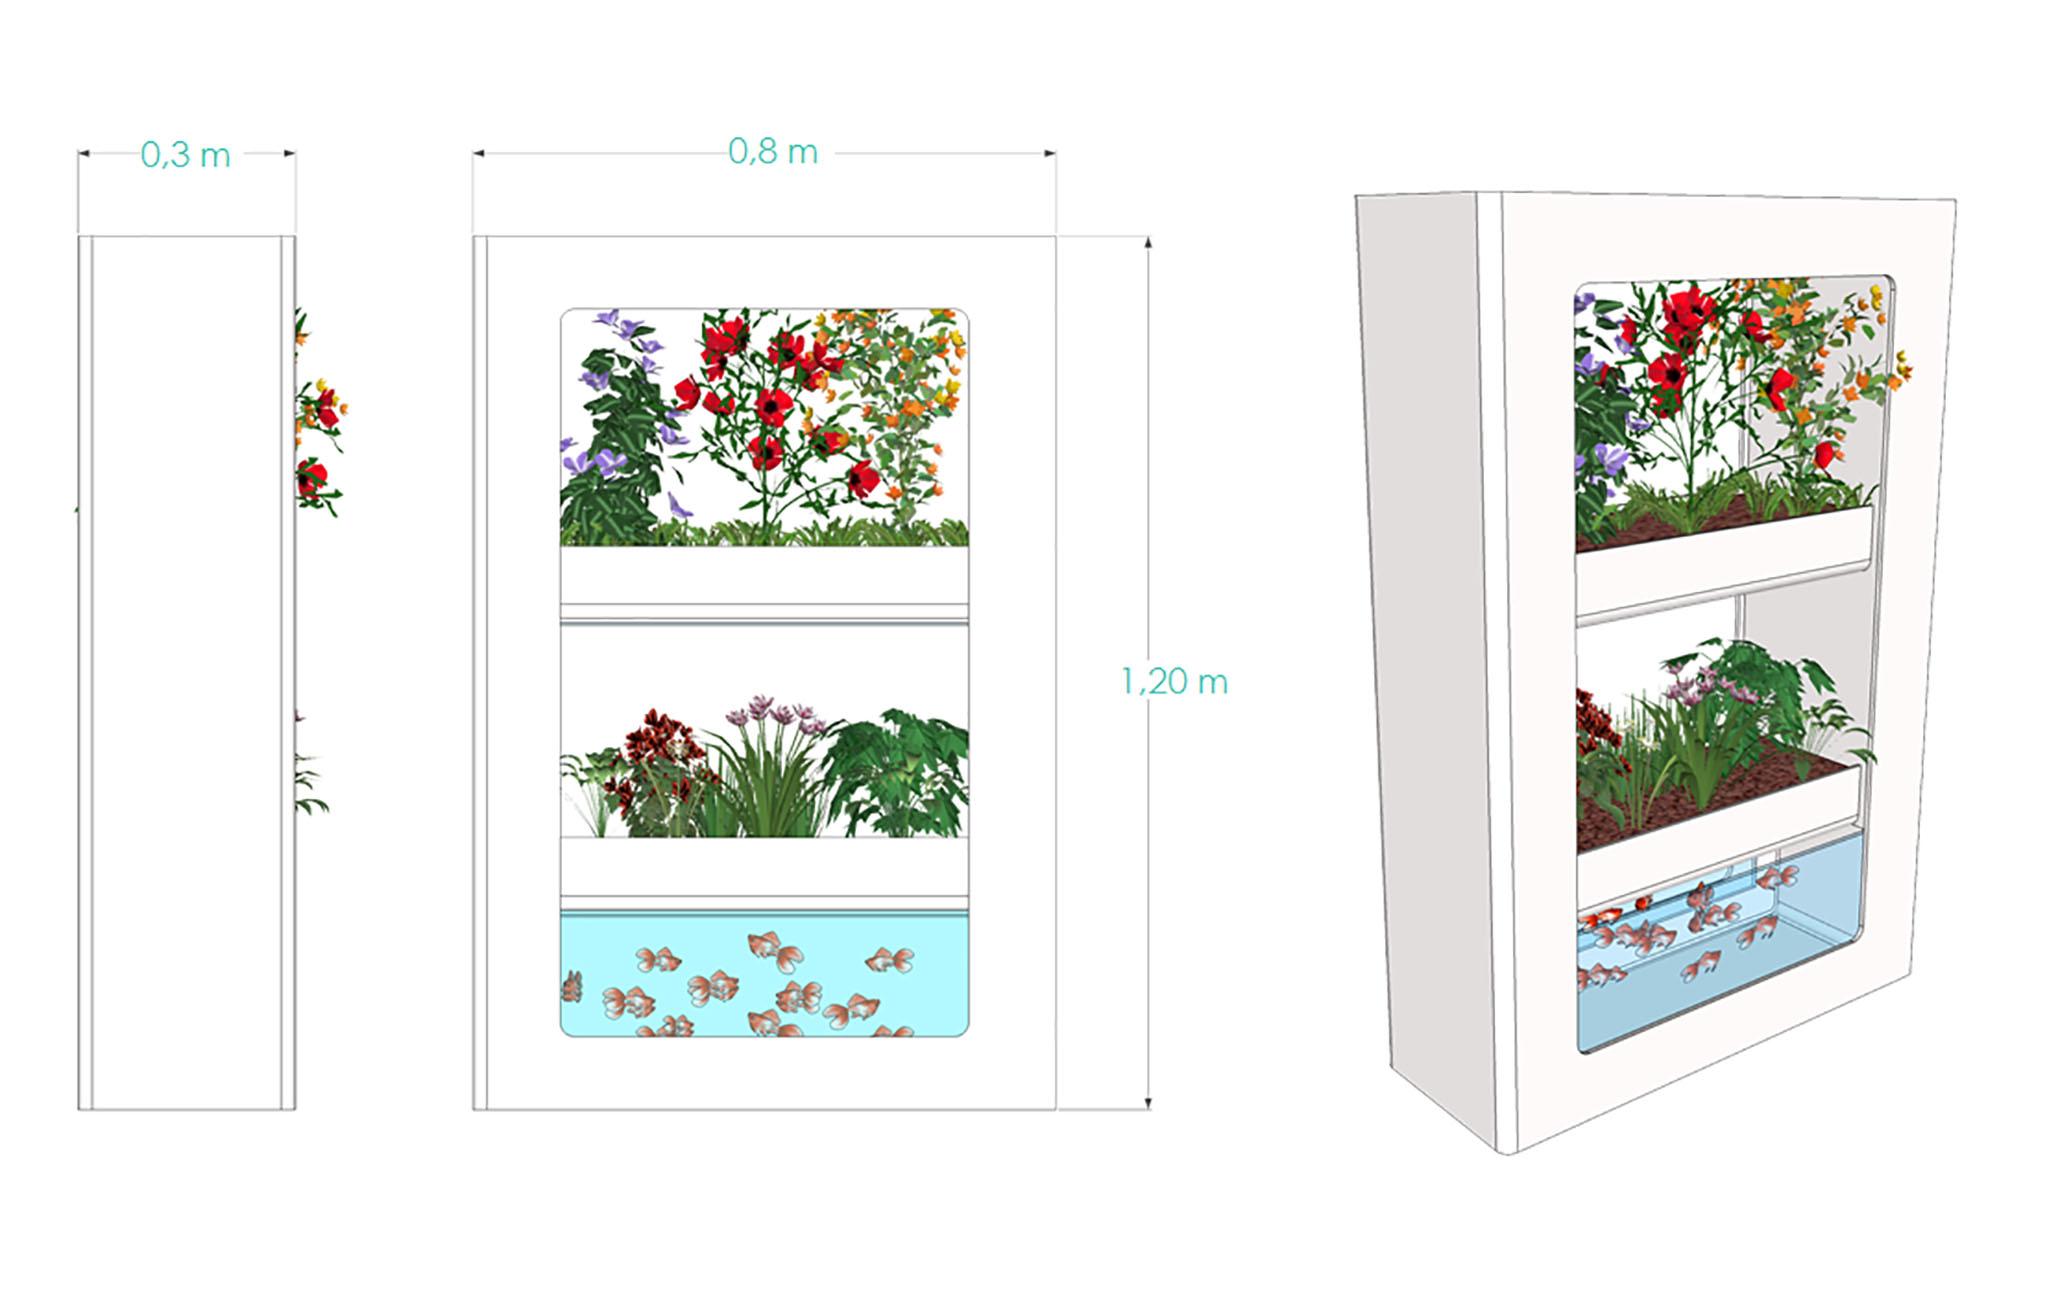 mini harmonia produit AURA dimensions aquaponie agriculture urbaine indoor hors-sol